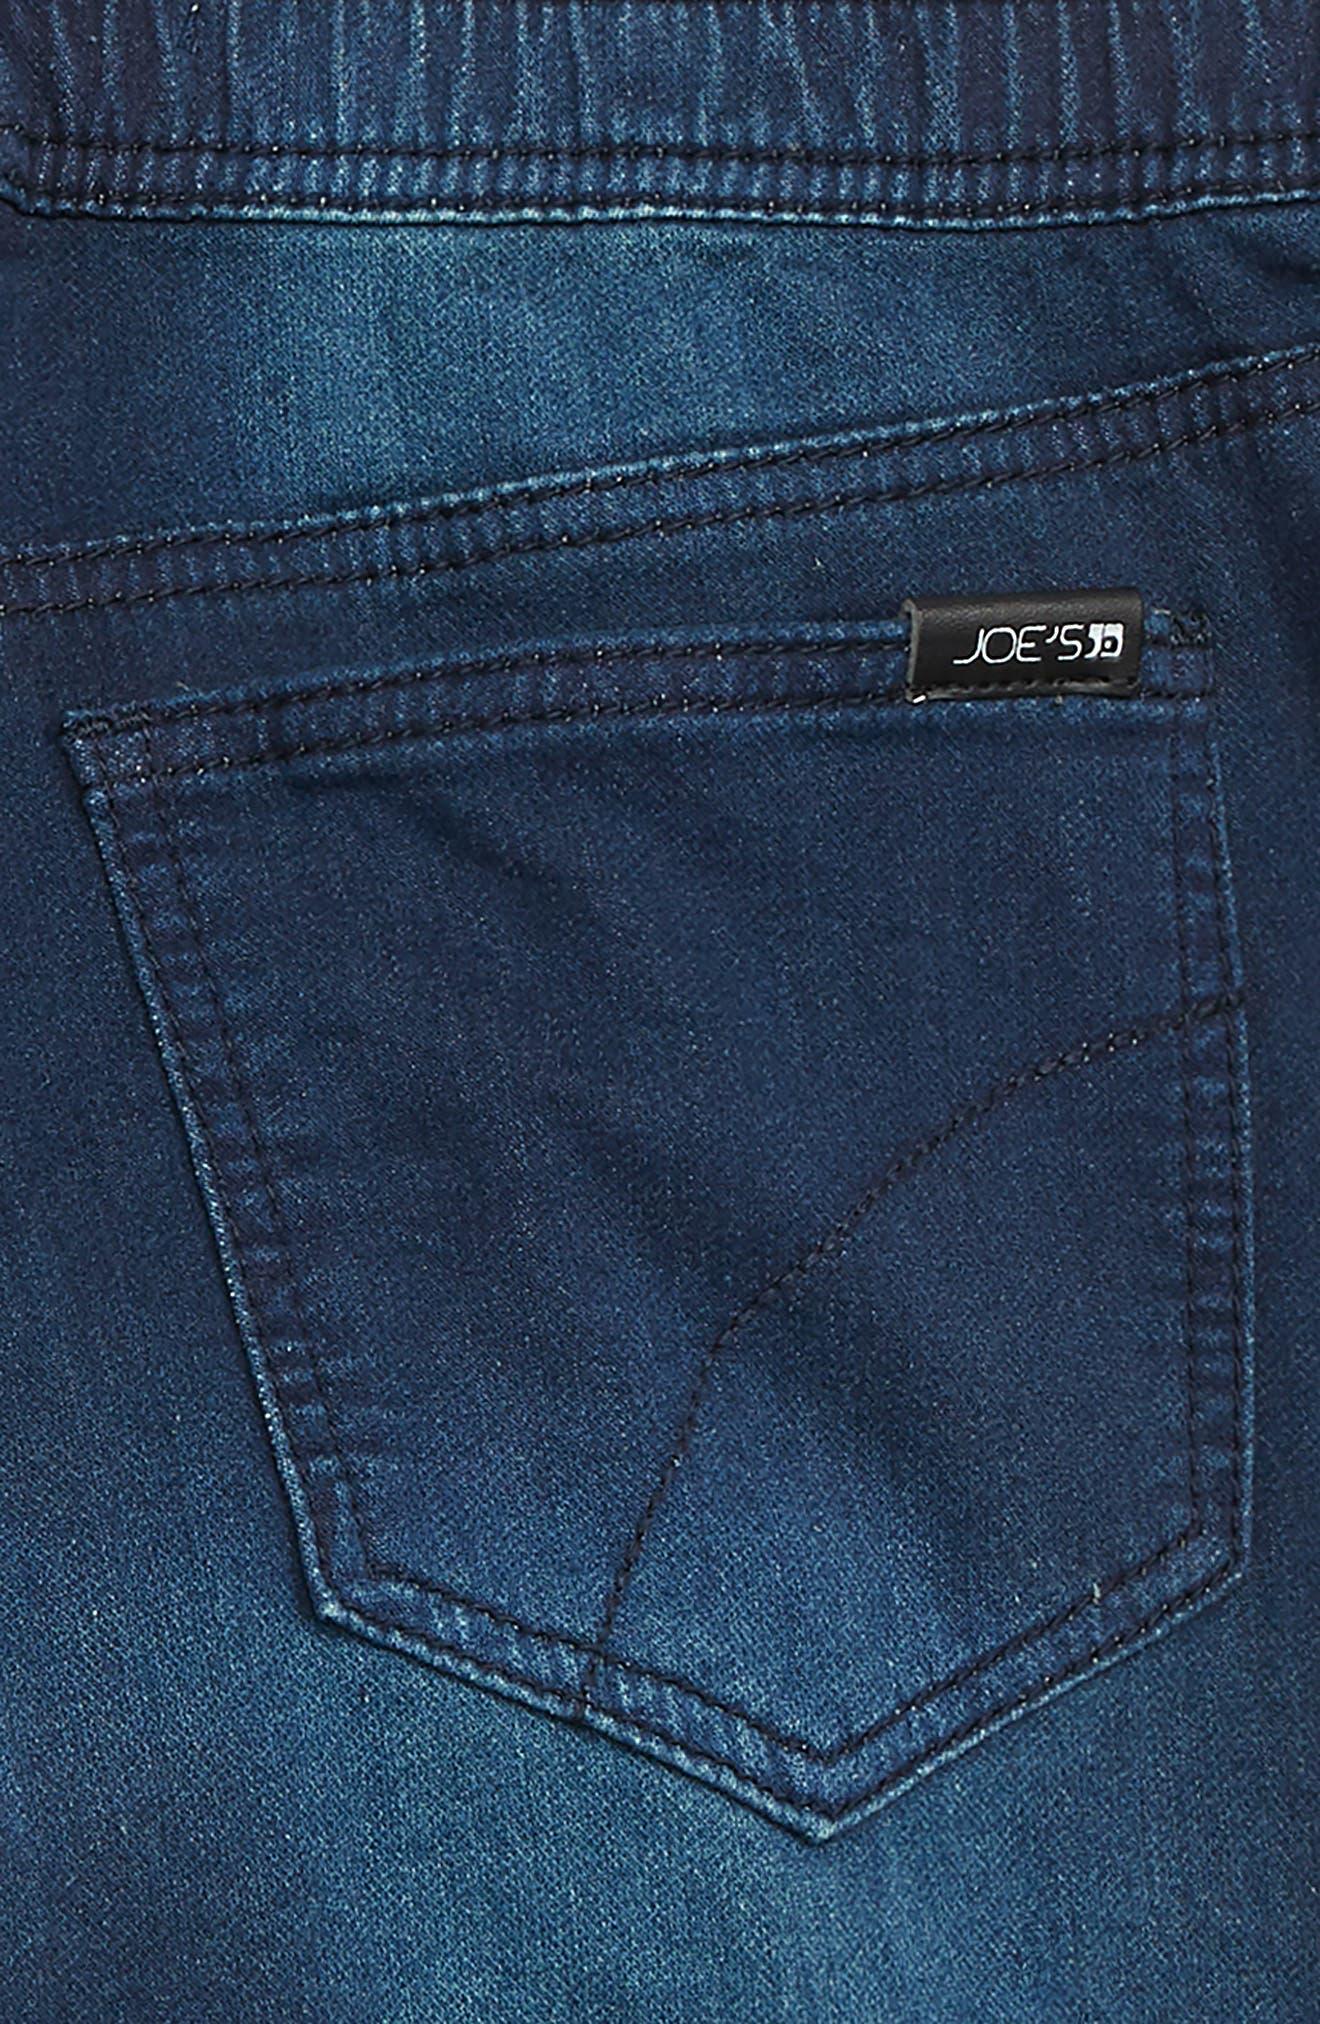 Denim Jogger Shorts,                             Alternate thumbnail 3, color,                             NILE WASH